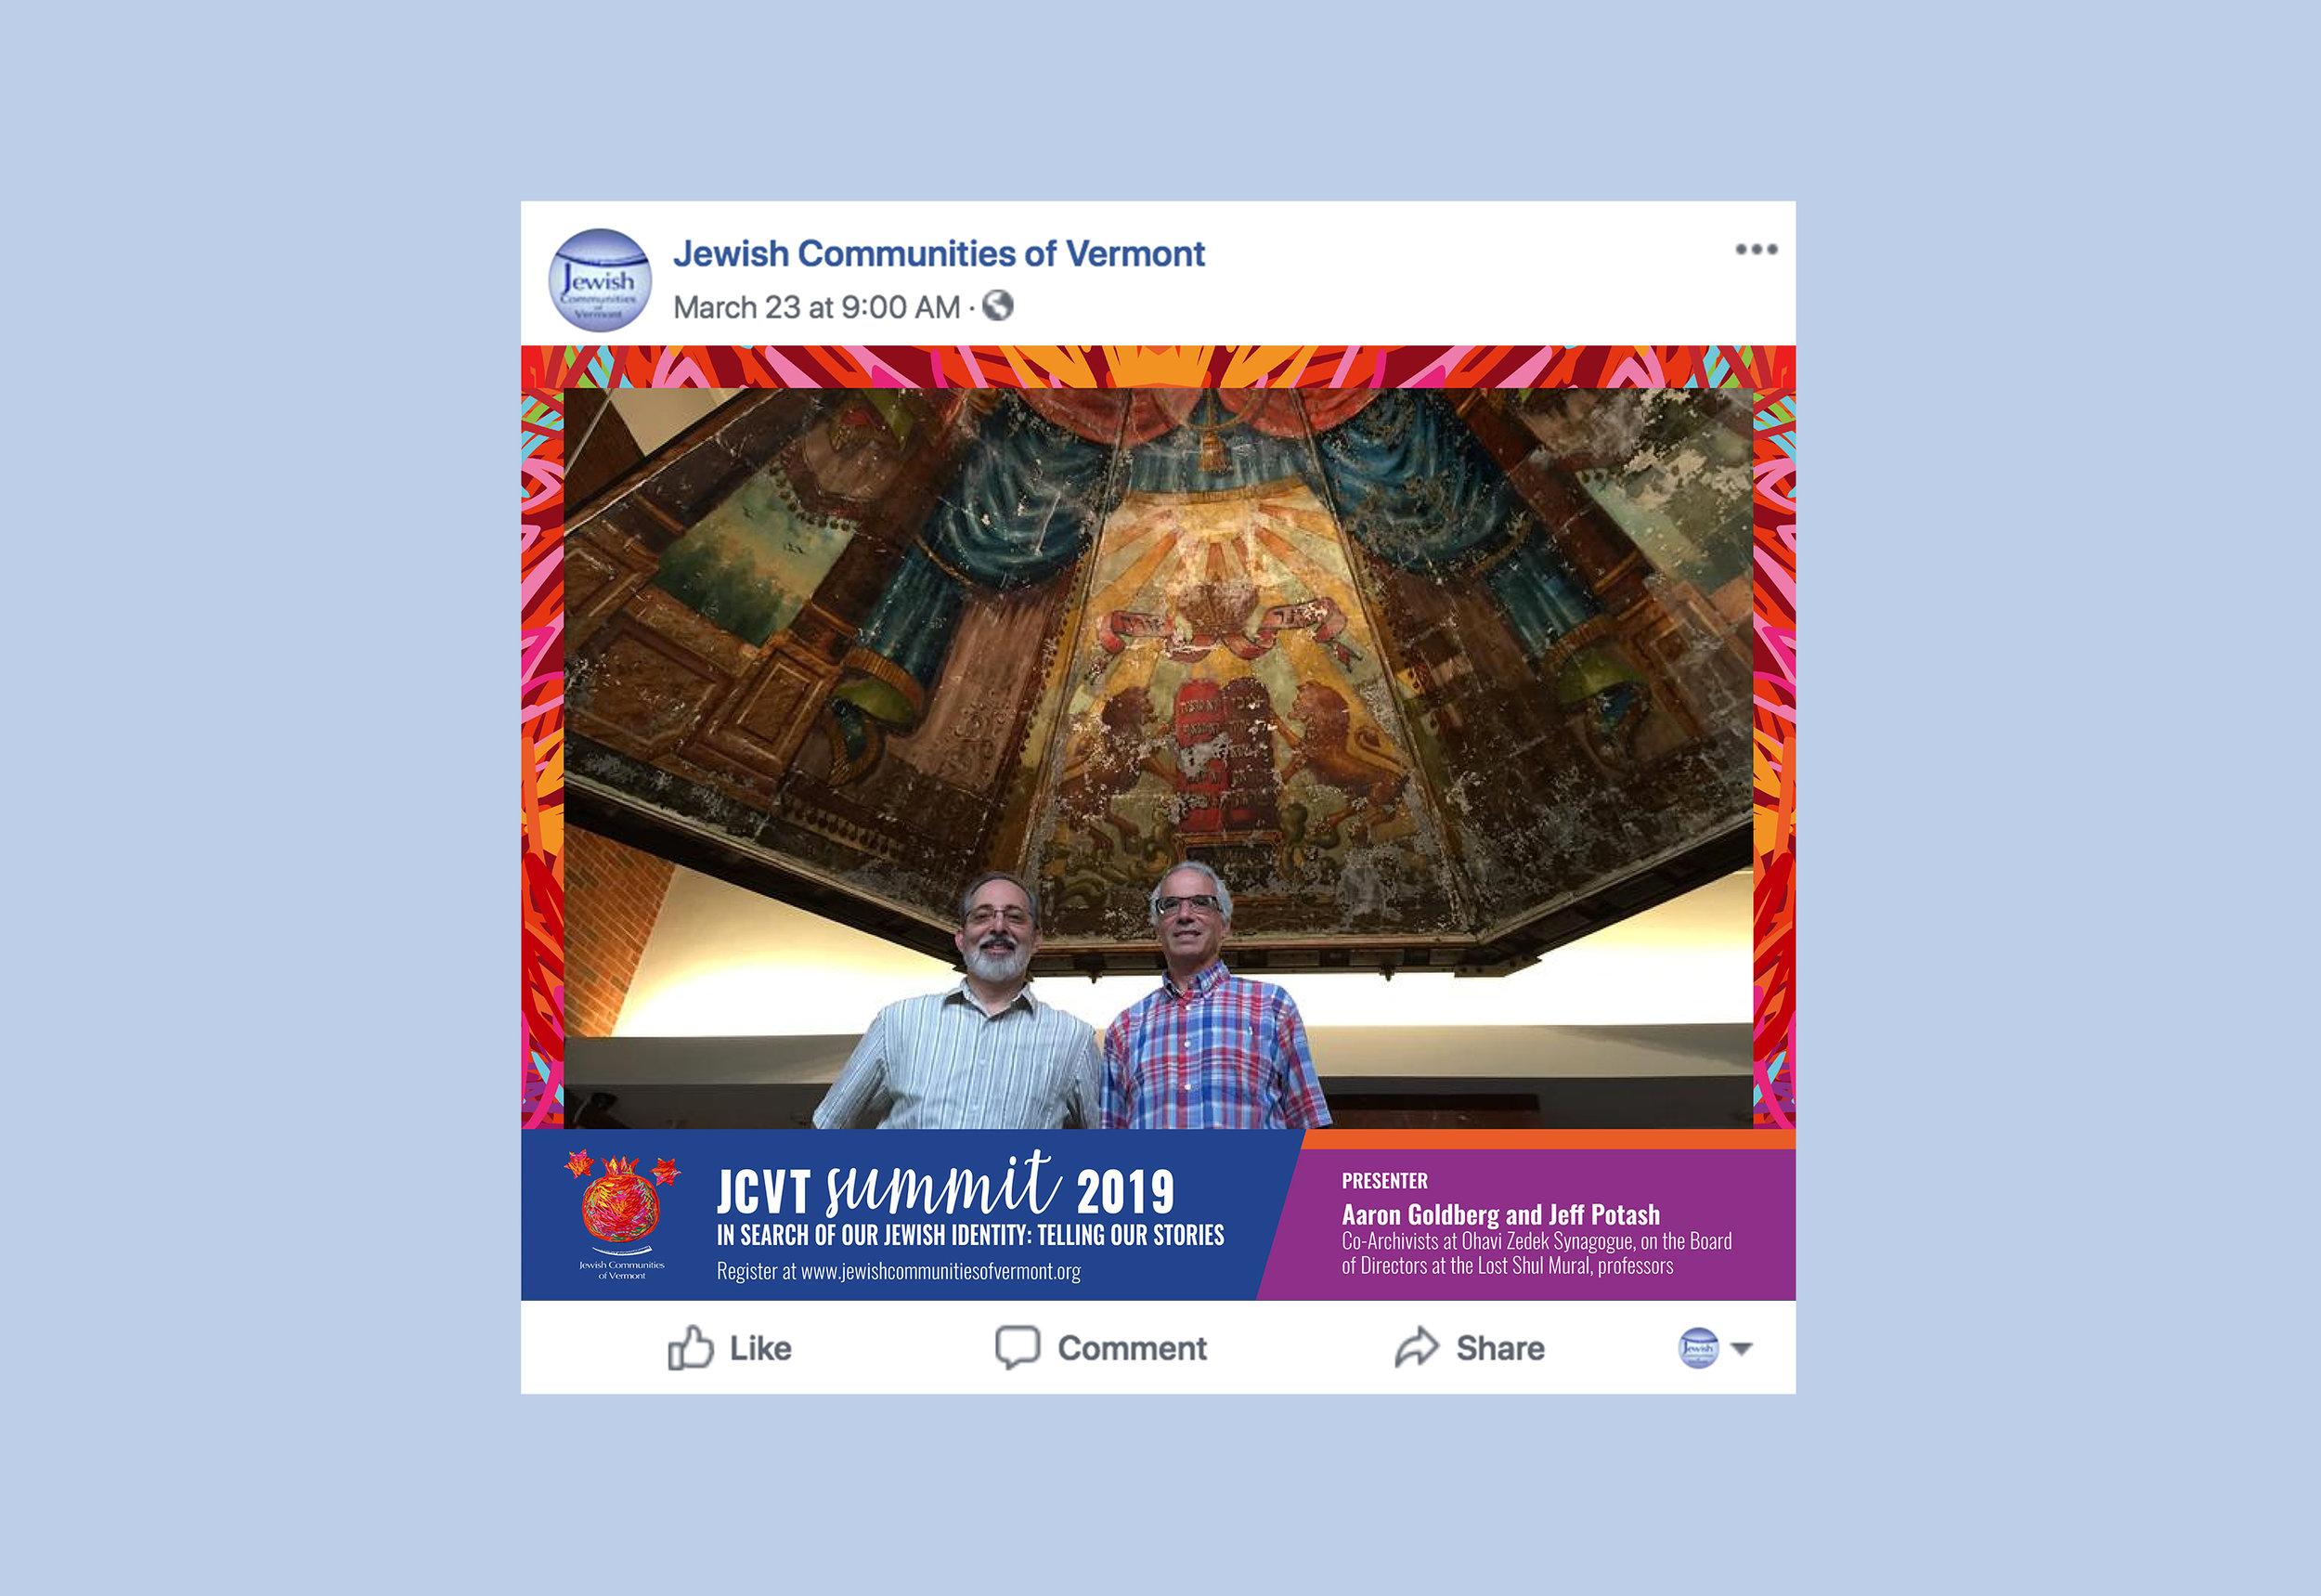 JCVT_Summit_Facebook_Mockup_AaronGoldbergJeffPotash.jpg